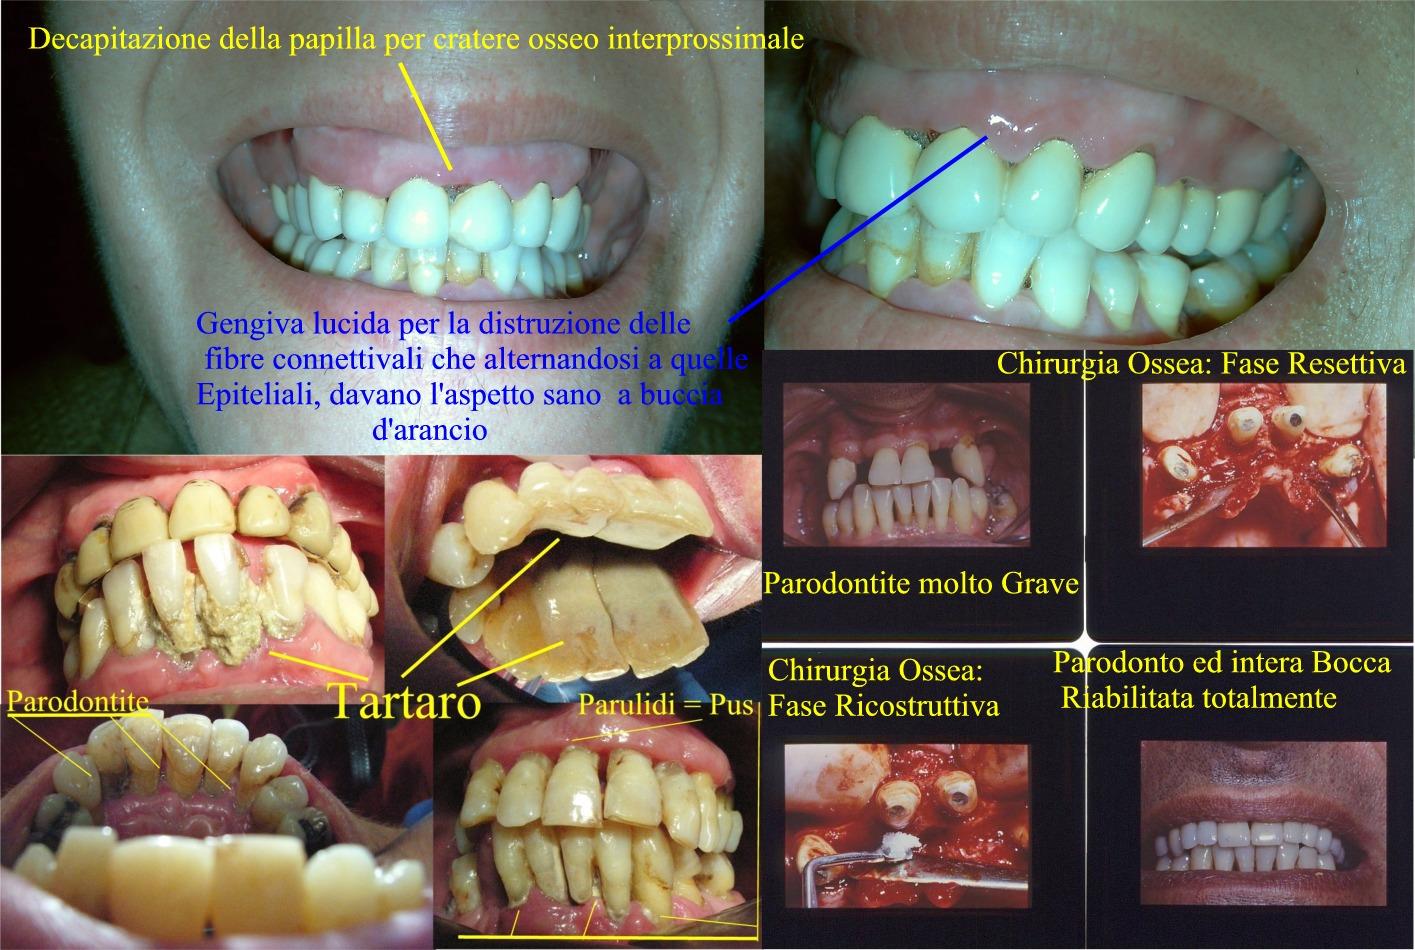 Parodontiti e Riabilitazione Chirurgica Parodontale Completa. Da casistica del Dr. Gustavo Petti Parodontologo in Cagliari